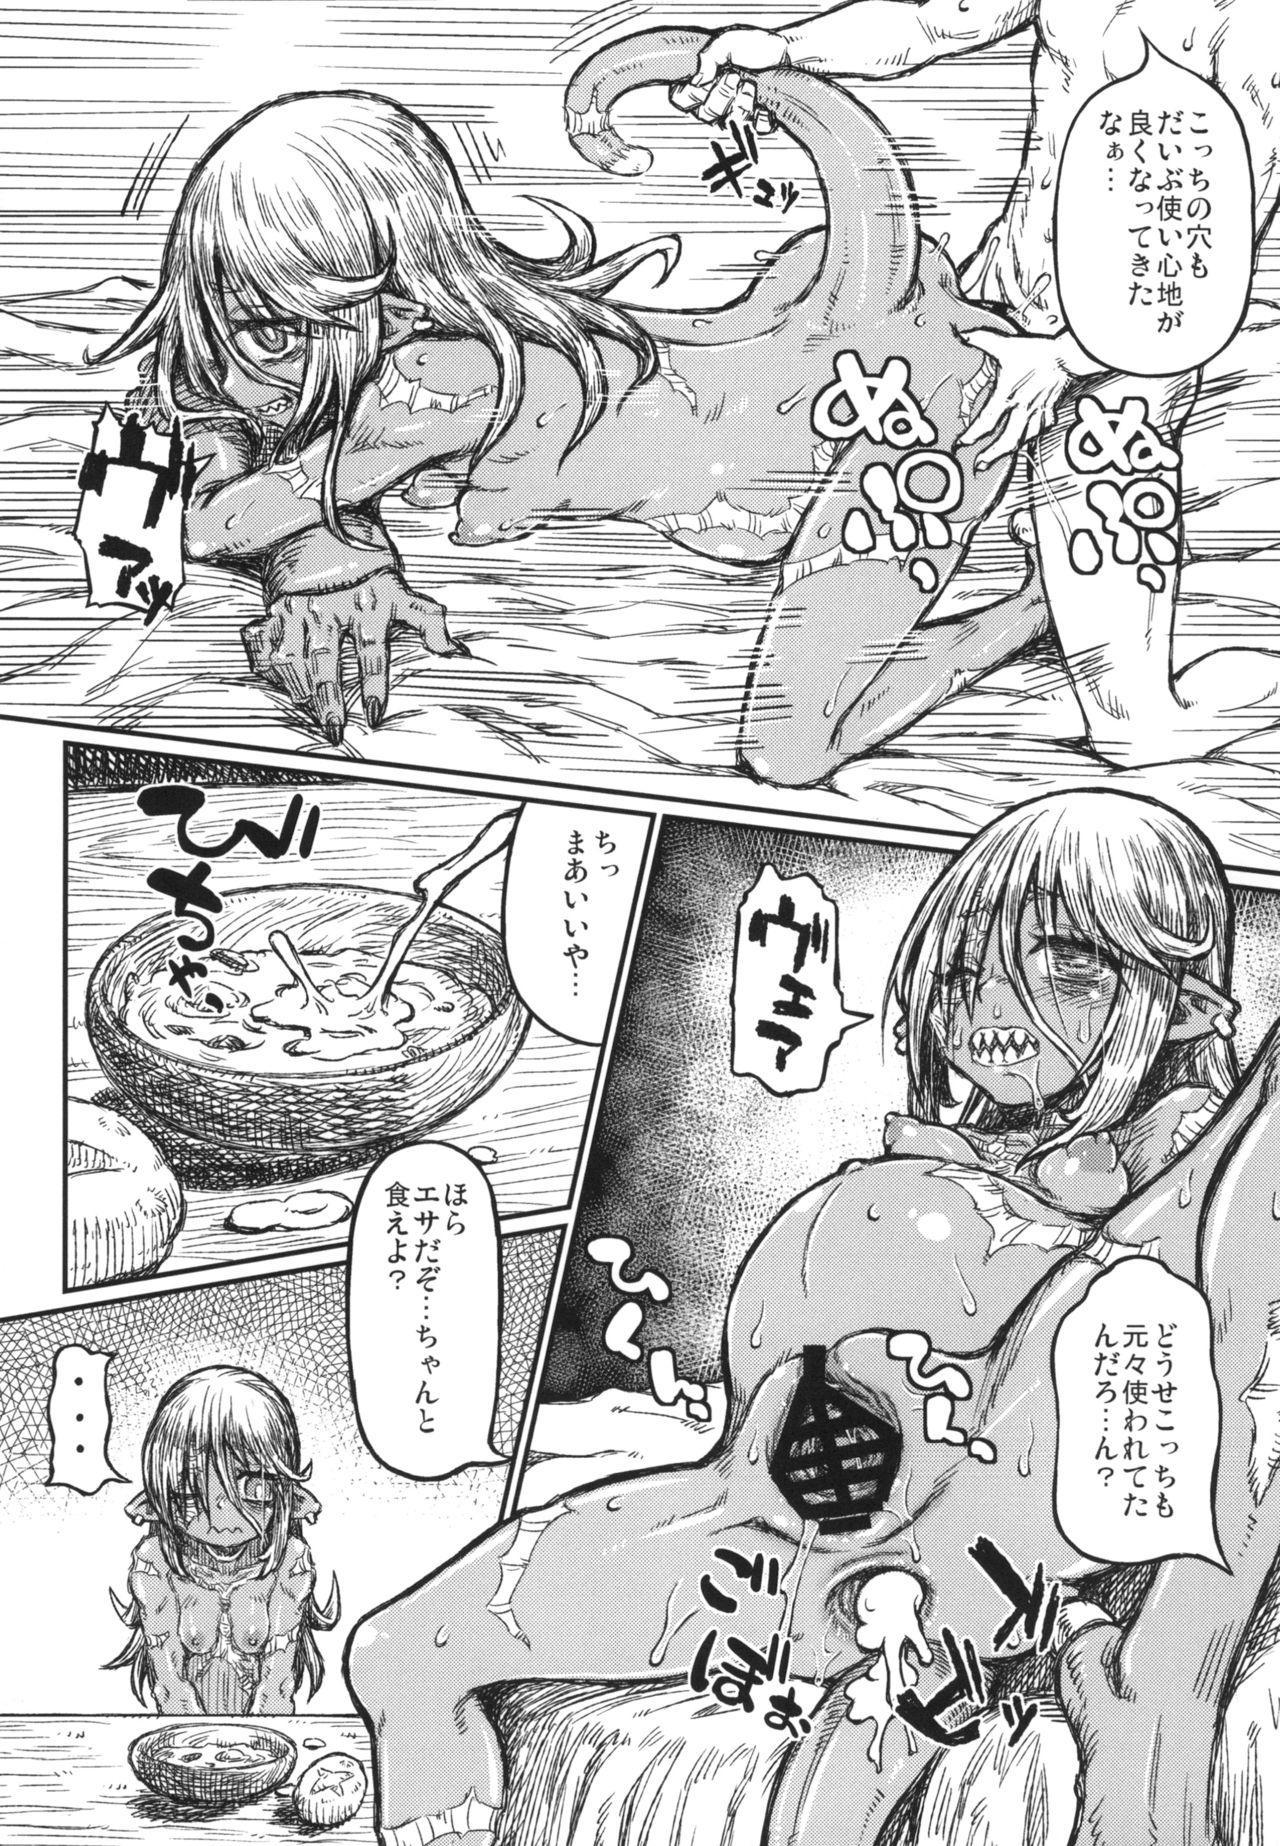 Adabana no koi 12